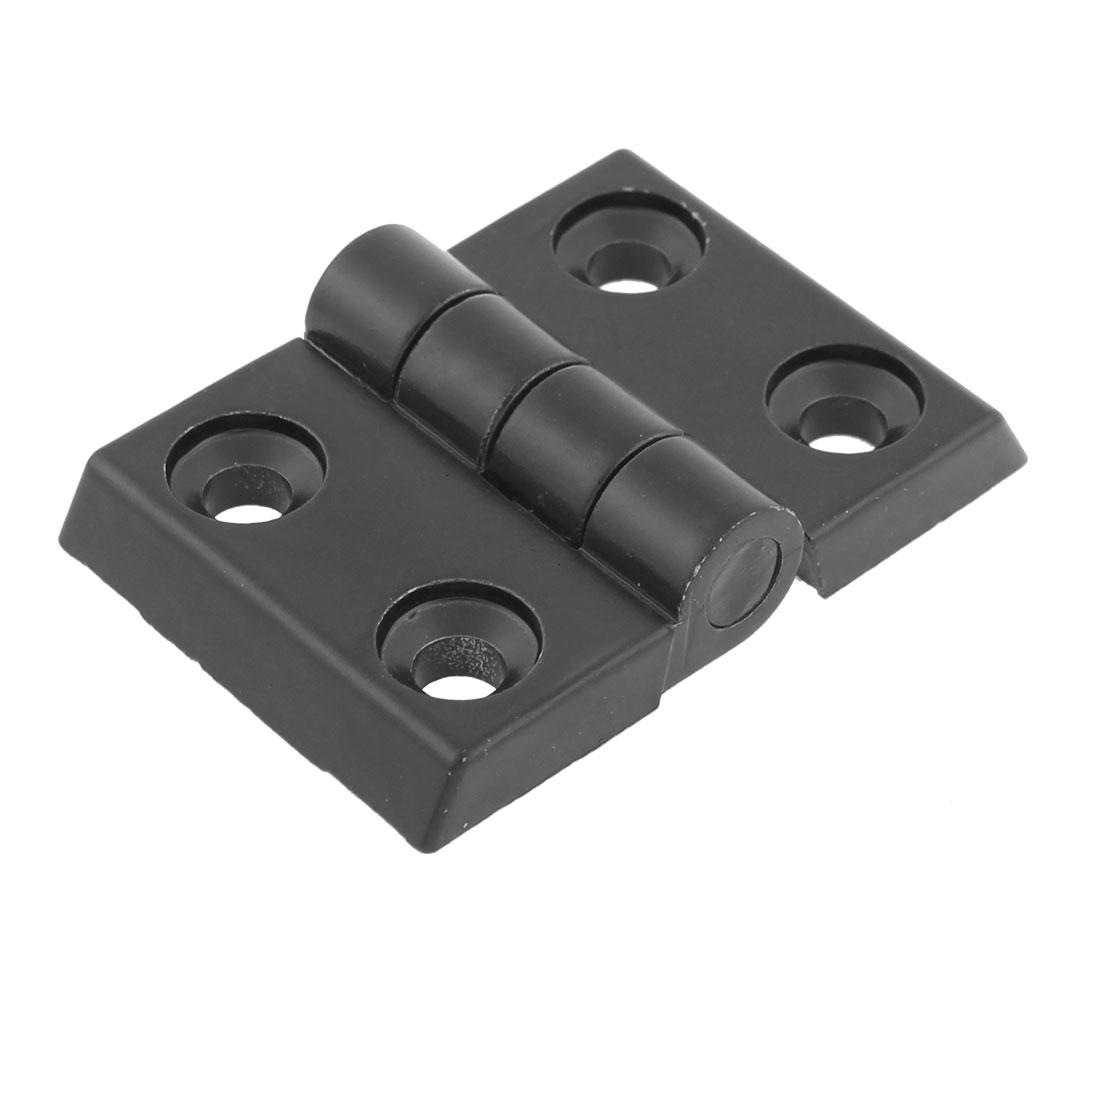 45mmx40mm 2 Leaves Aluminum Door Bearing Butt Hinge Hardware Black